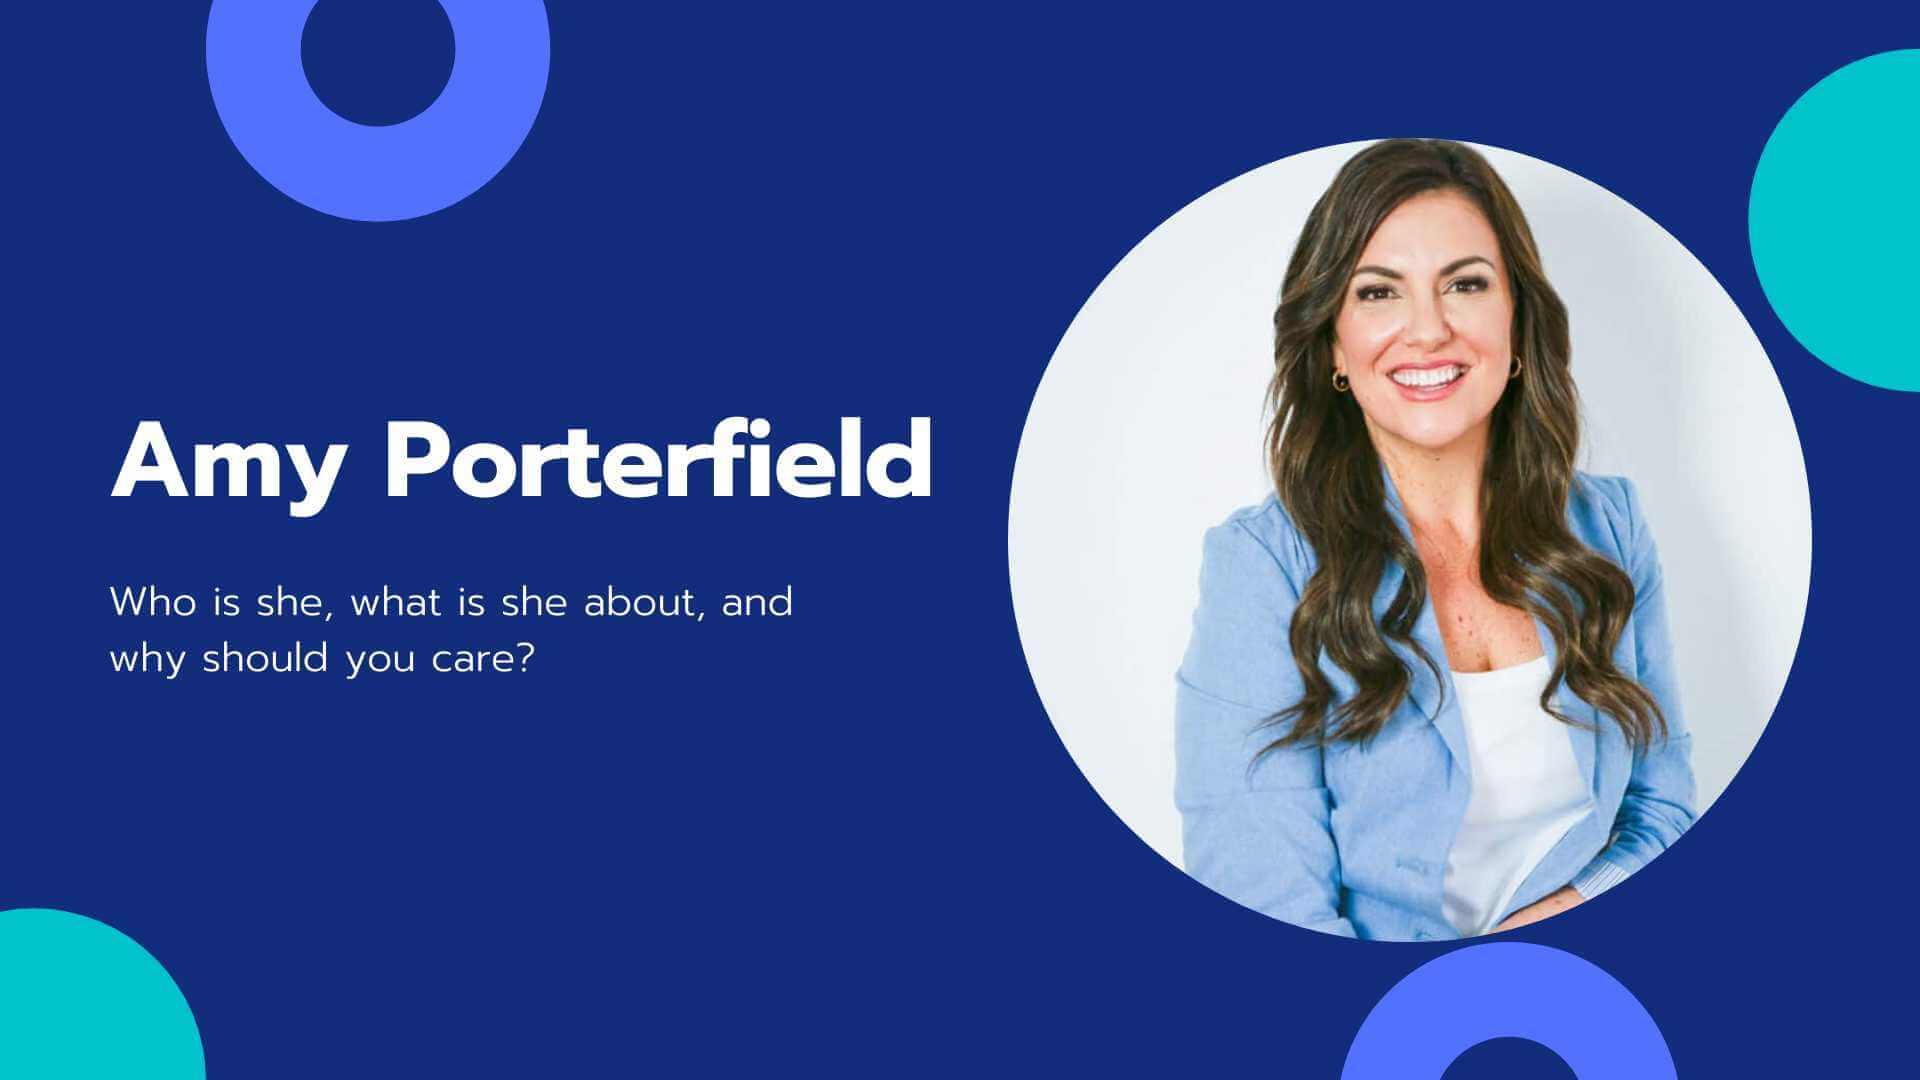 Amy Porterfield